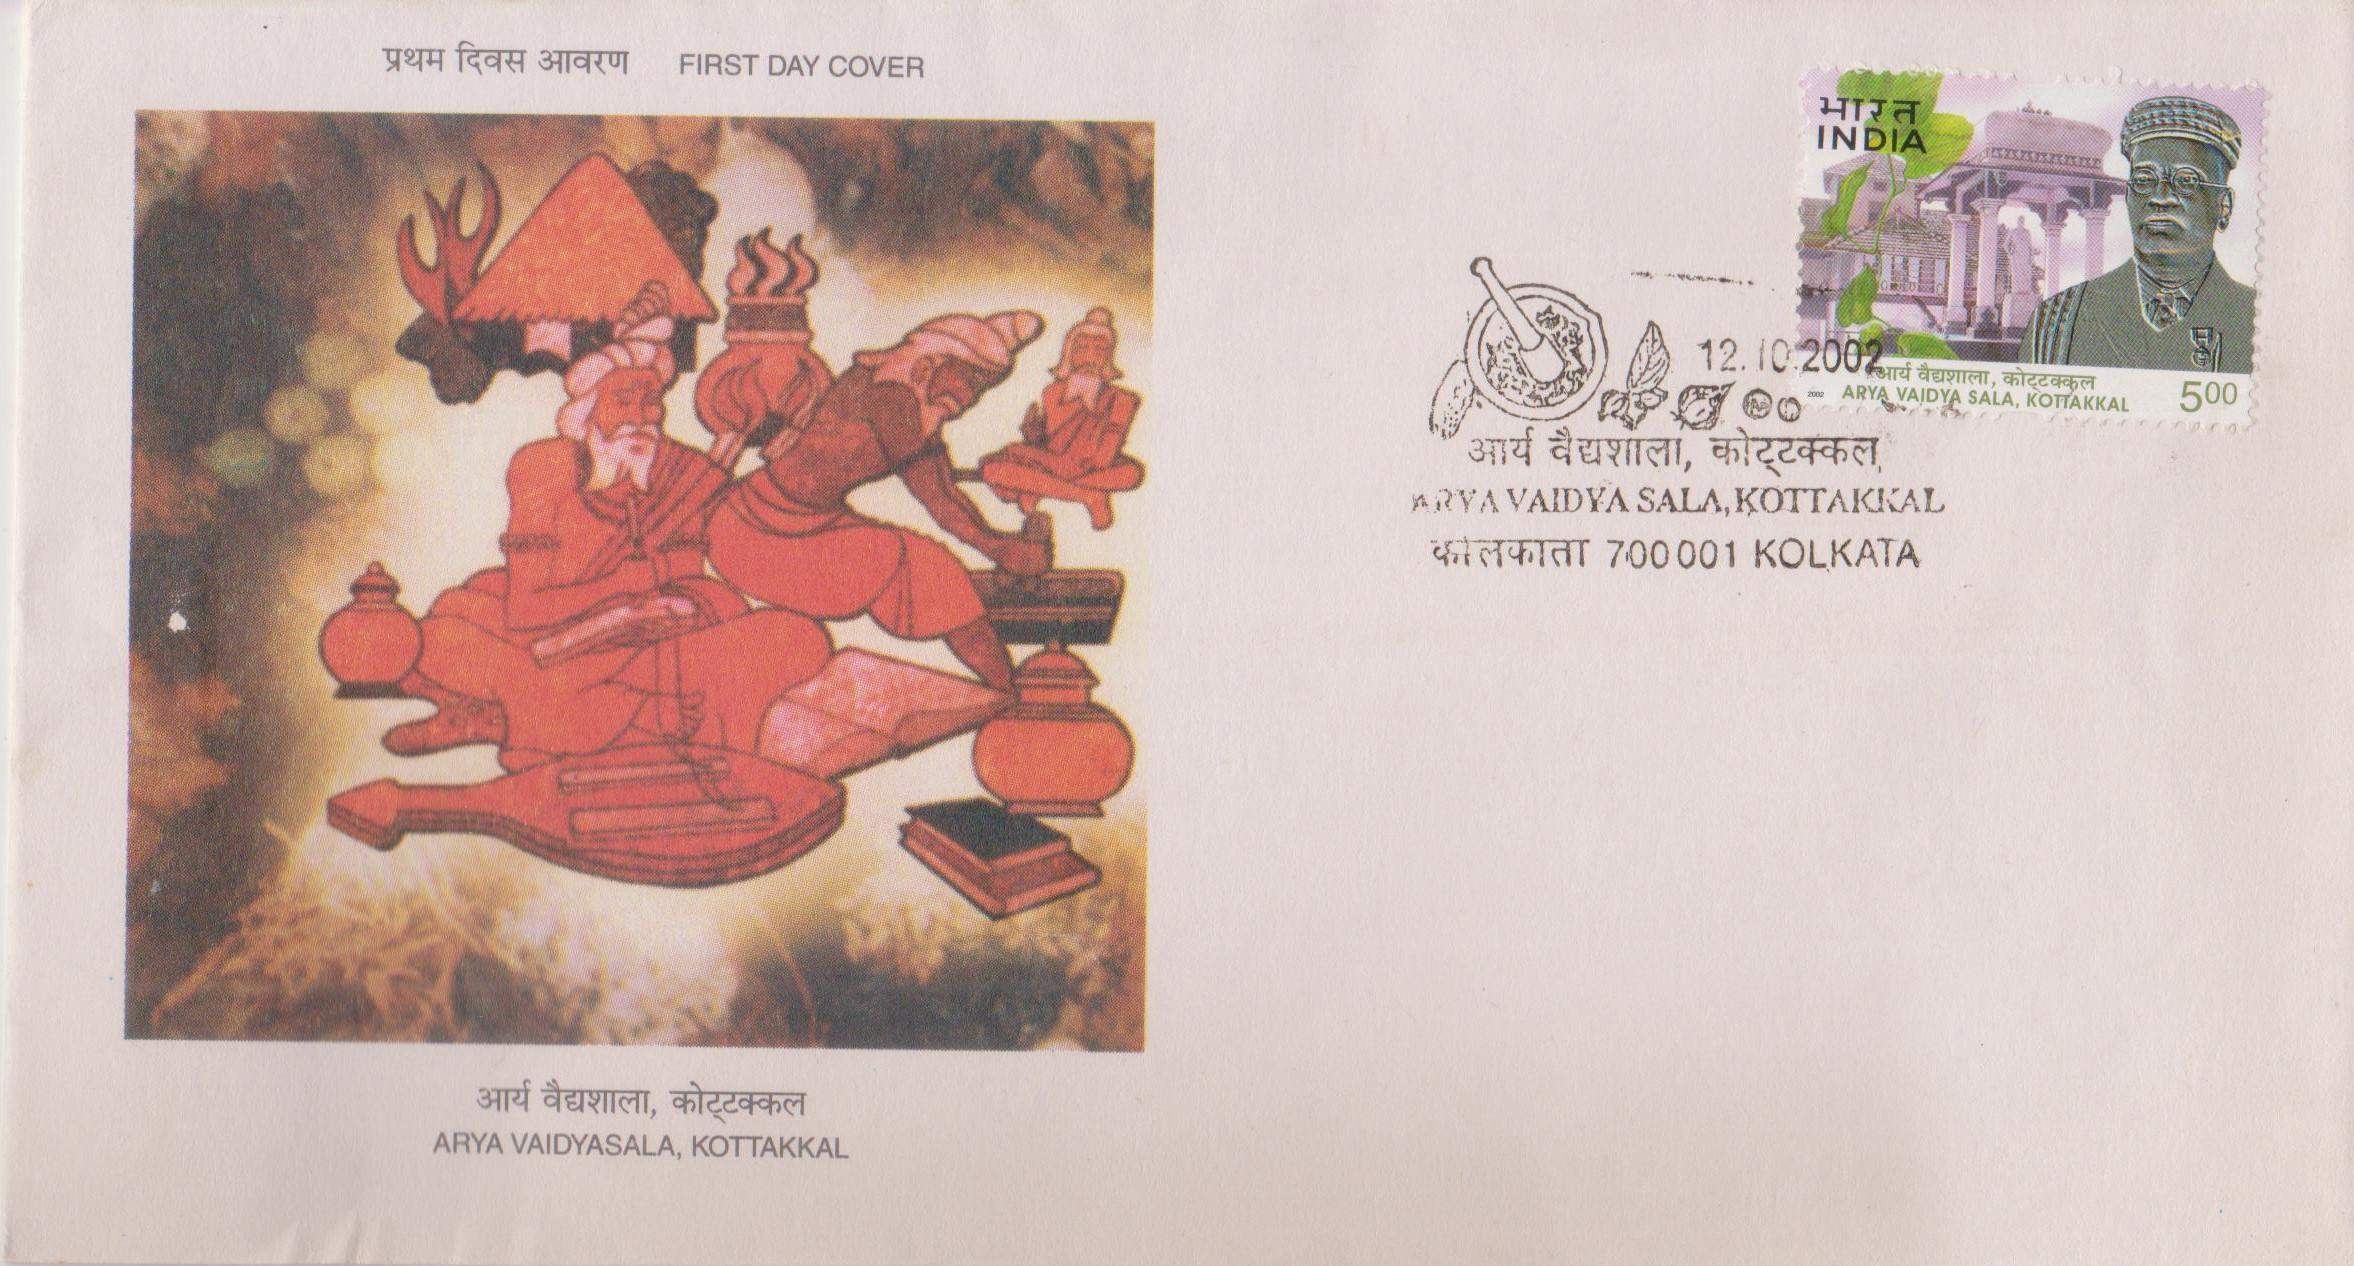 Vaidyaratnam Panniyinpally Sankunni Varier